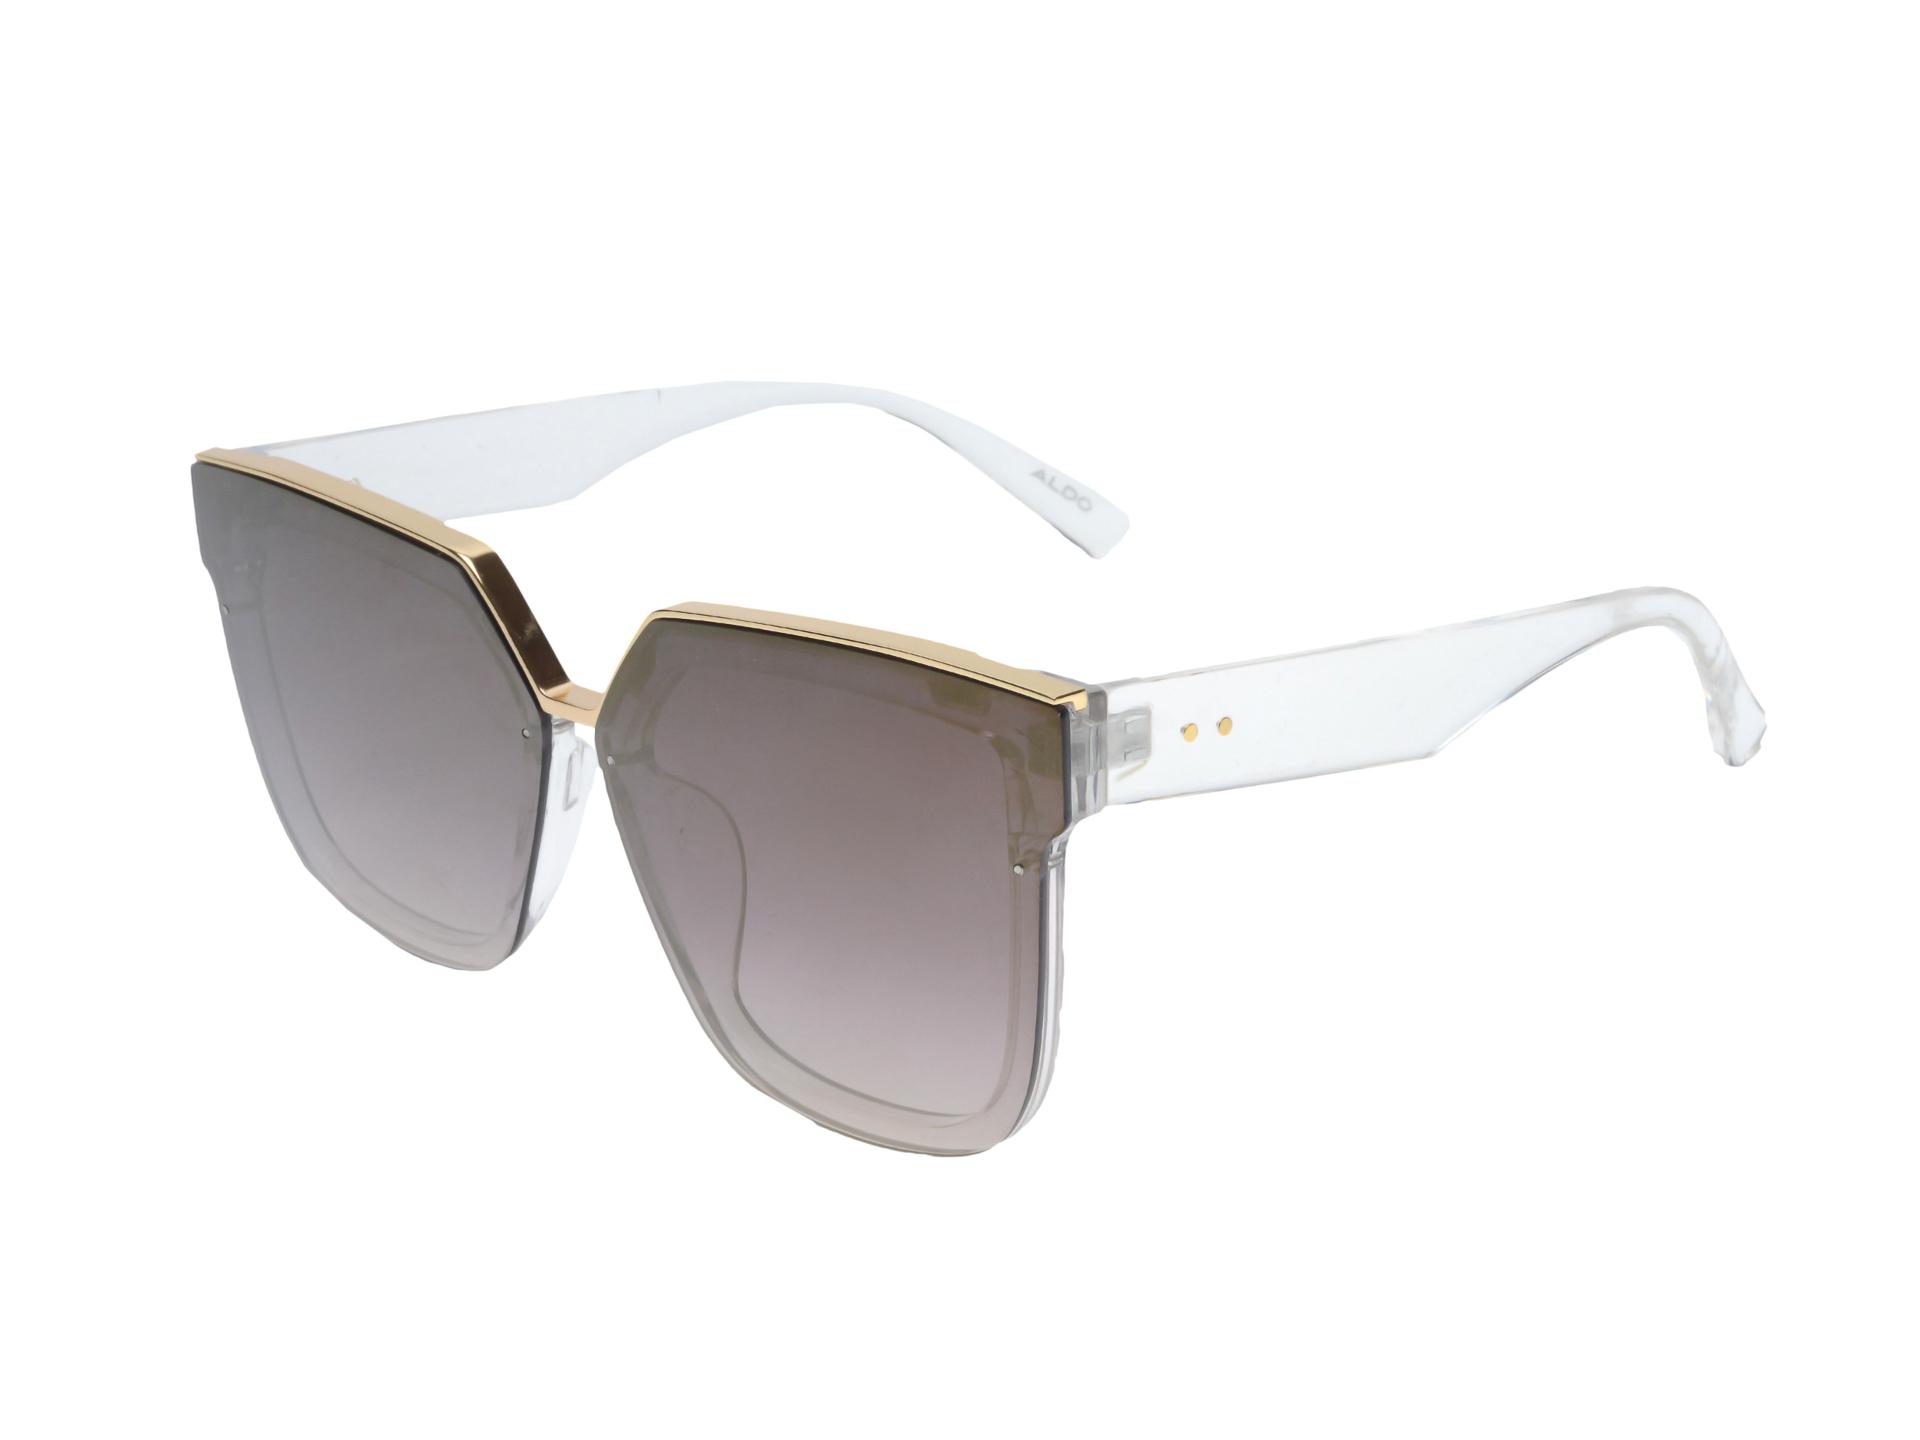 Ochelari de soare ALDO gri, Araxi103, din plastic imagine